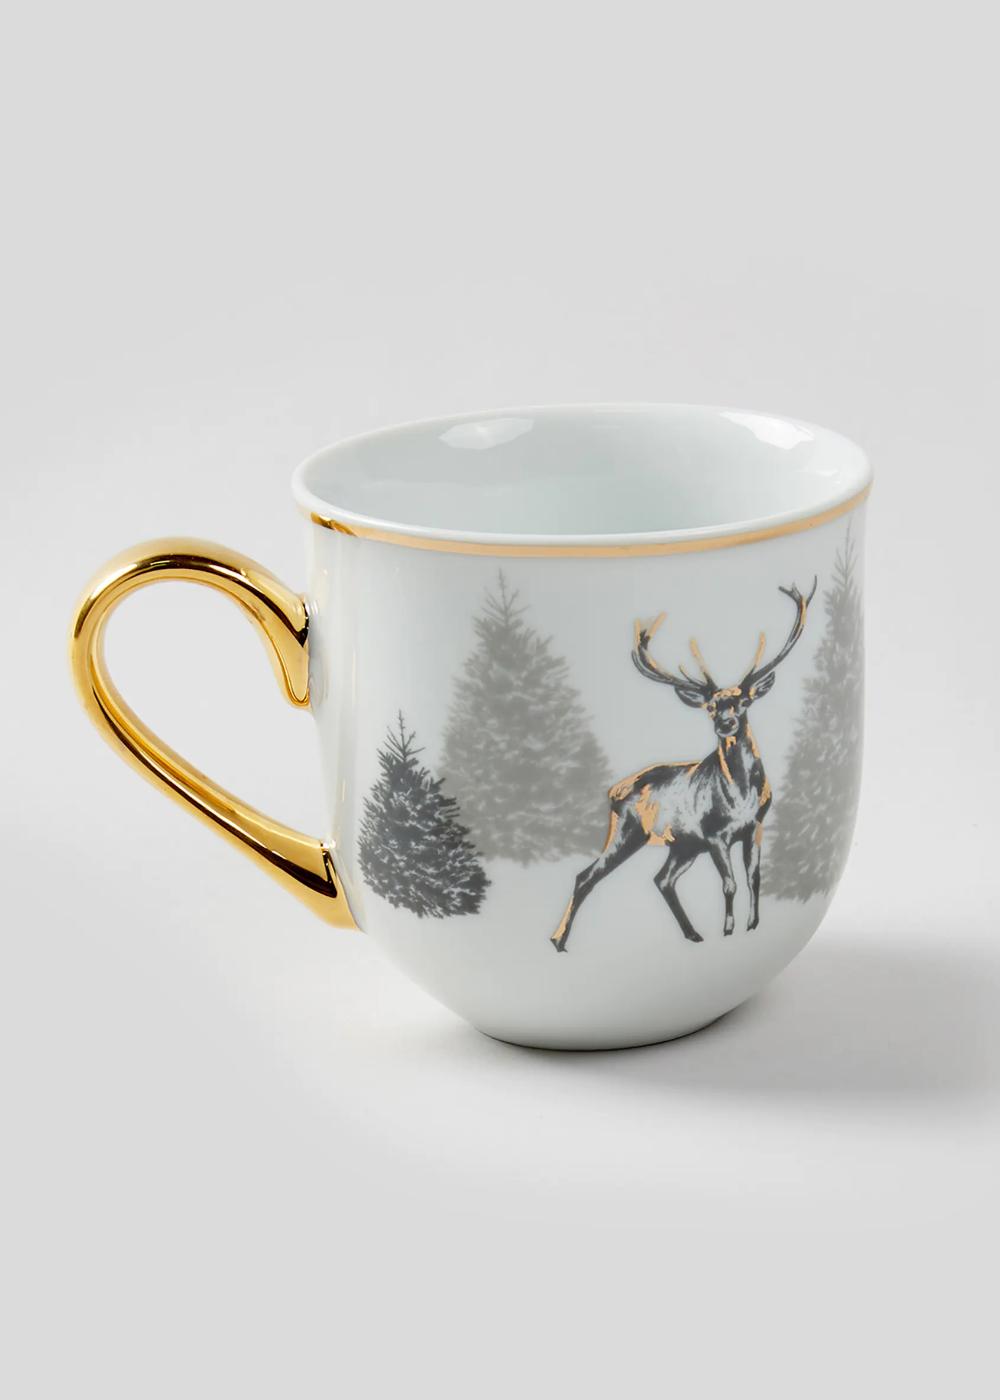 Christmas Stag Mug Gold Mugs Glassware Christmas Plates